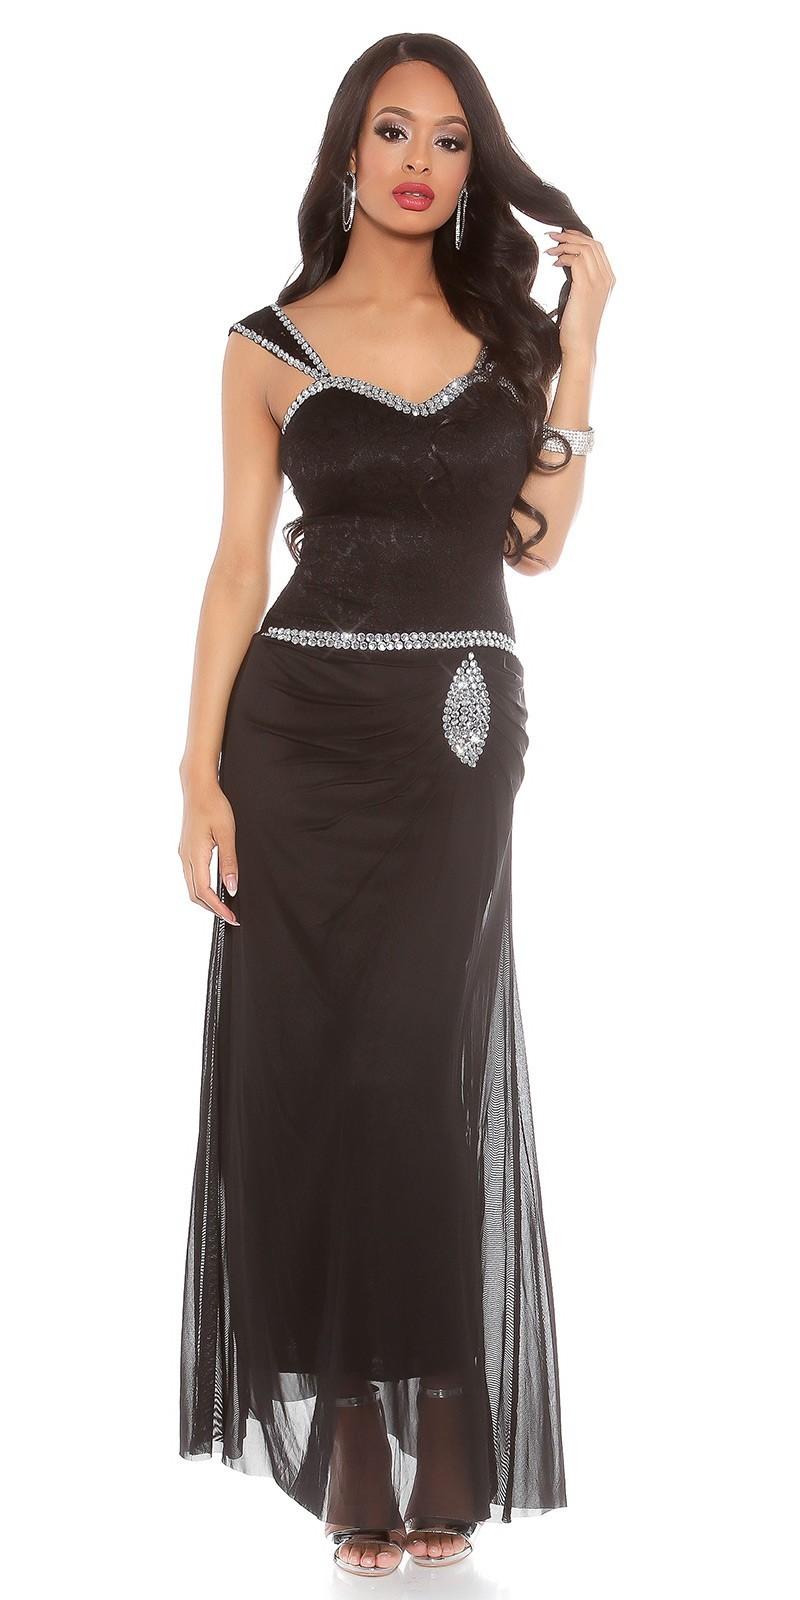 8e6b26a4dad9 Spoločenské šaty zdobené kamienkami Black – Sissy Boutique